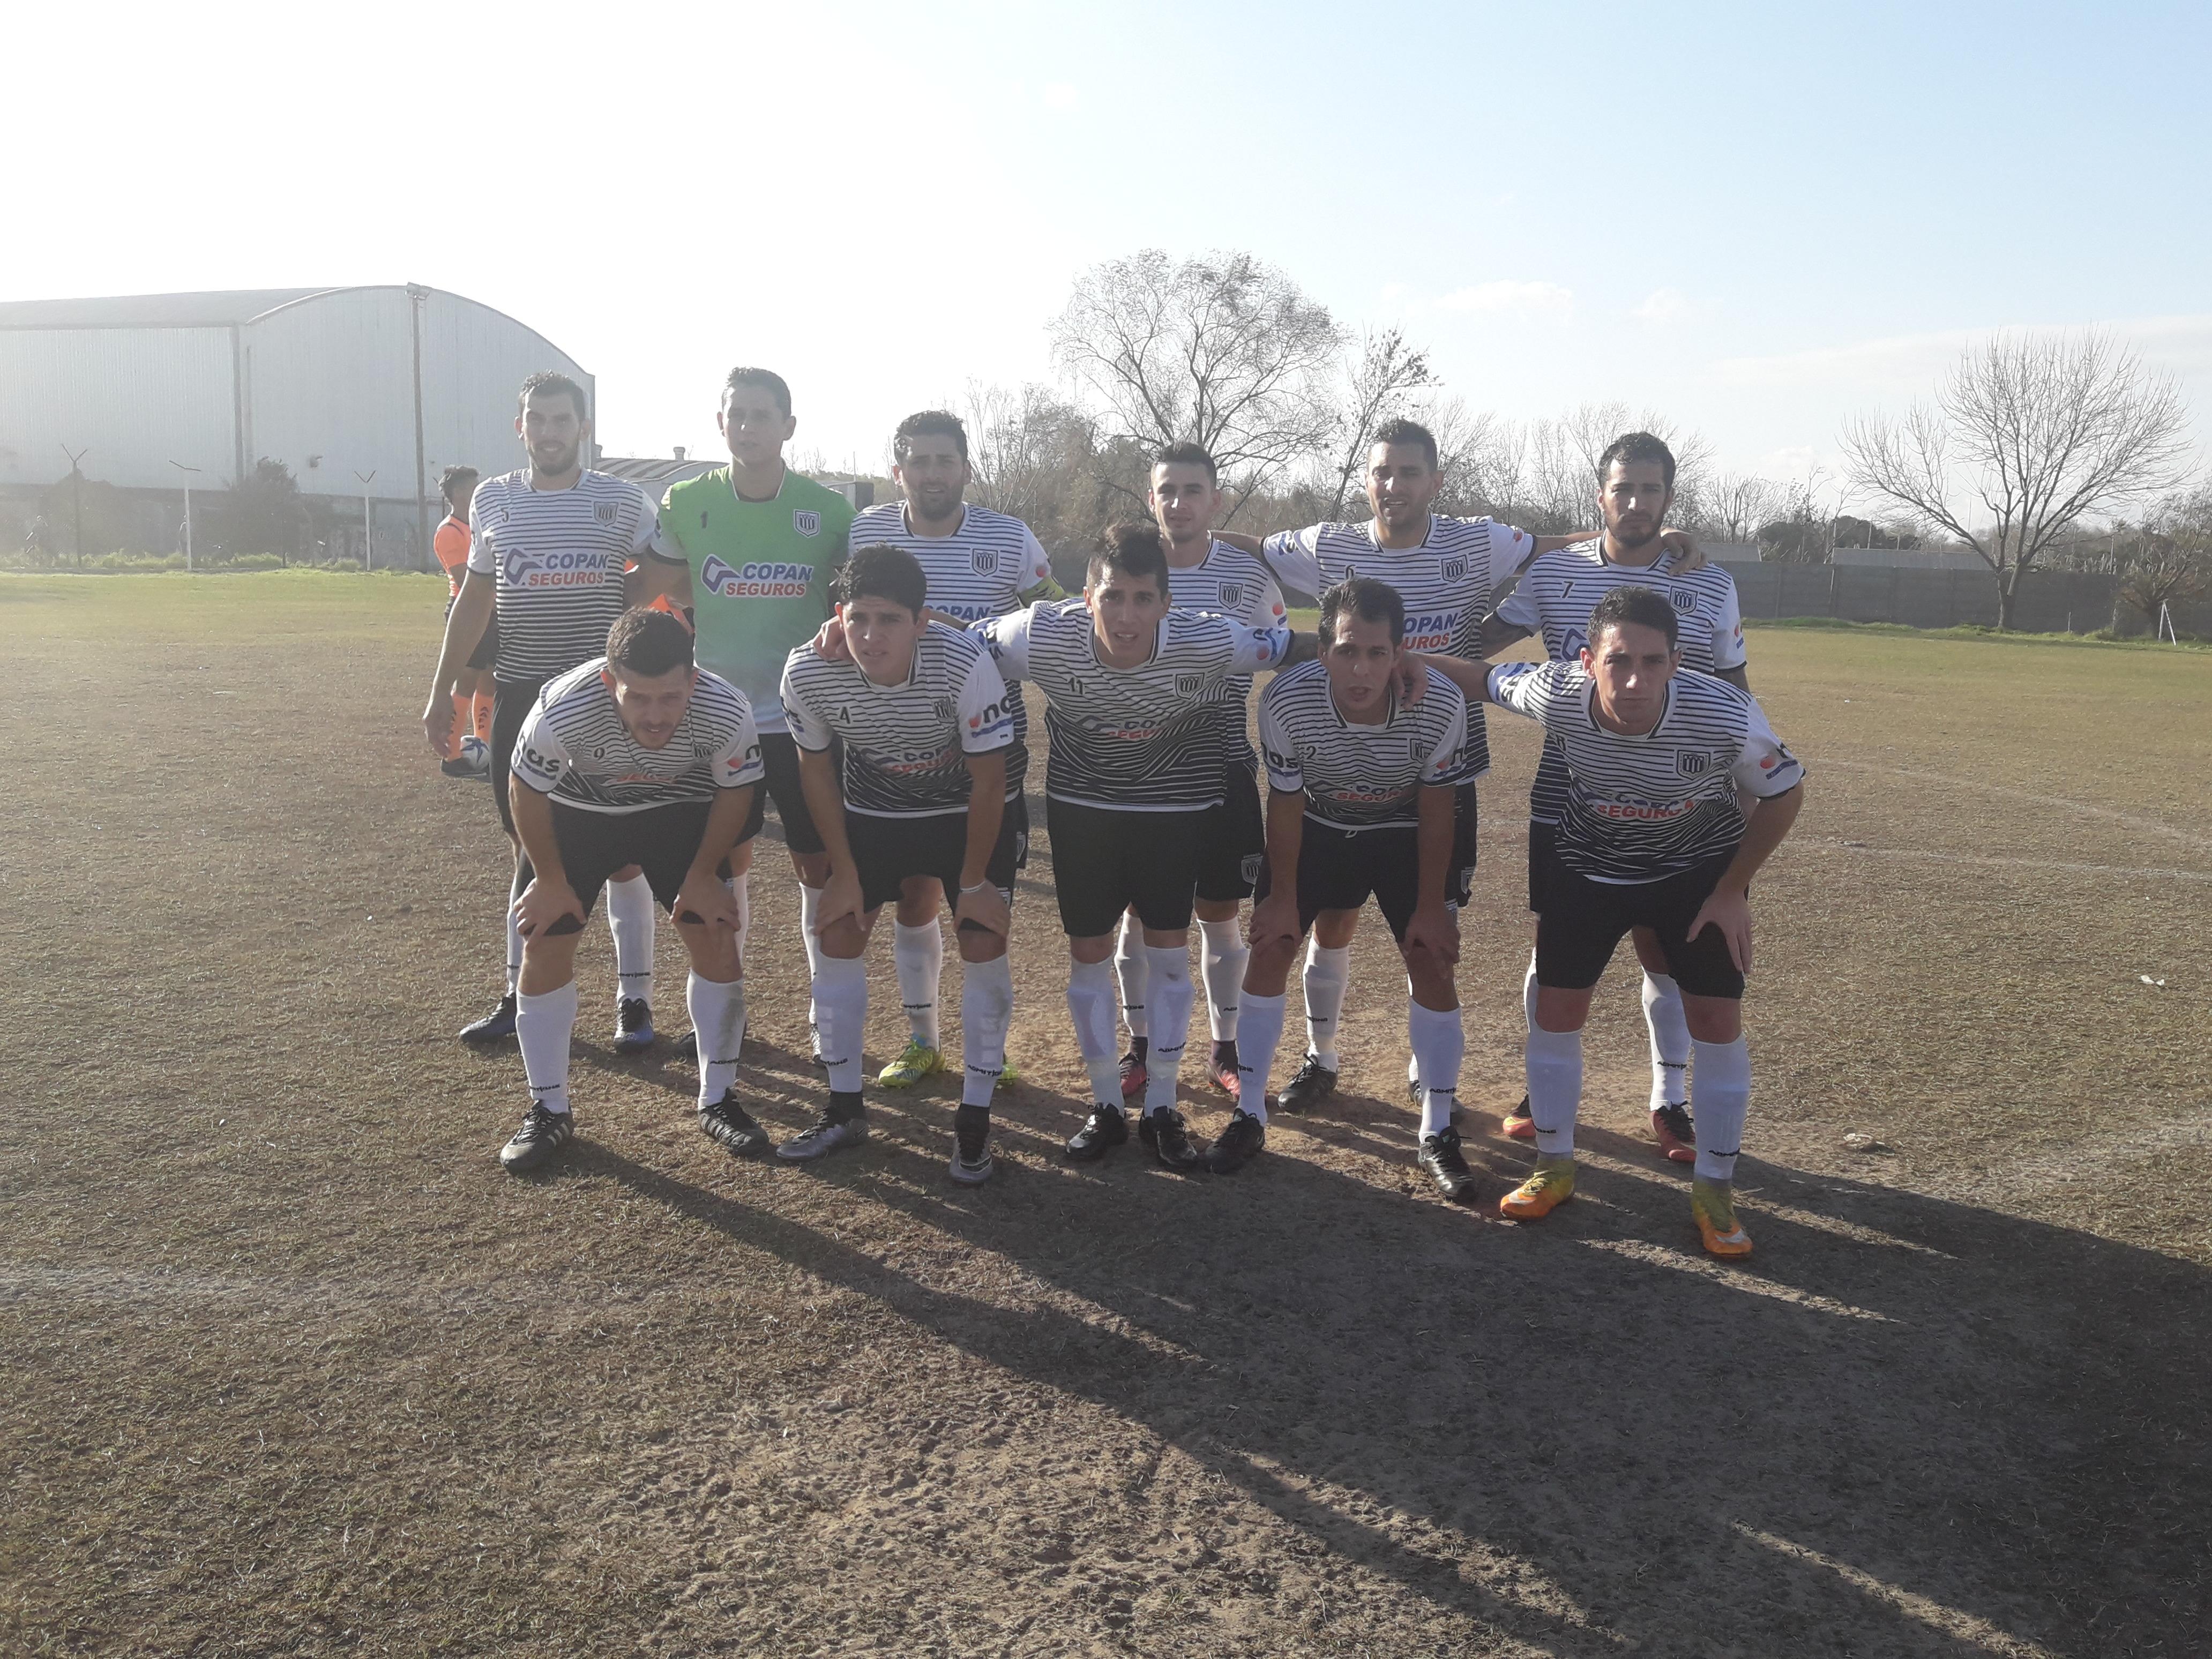 Estrella goleó en su cancha 4-2 a La Plata Fútbol Club en un entretenido partido y bajo un intenso viento. Los goles de La Cebra fueron de Leguiza, Valdez y Serrano en dos oportunidades.